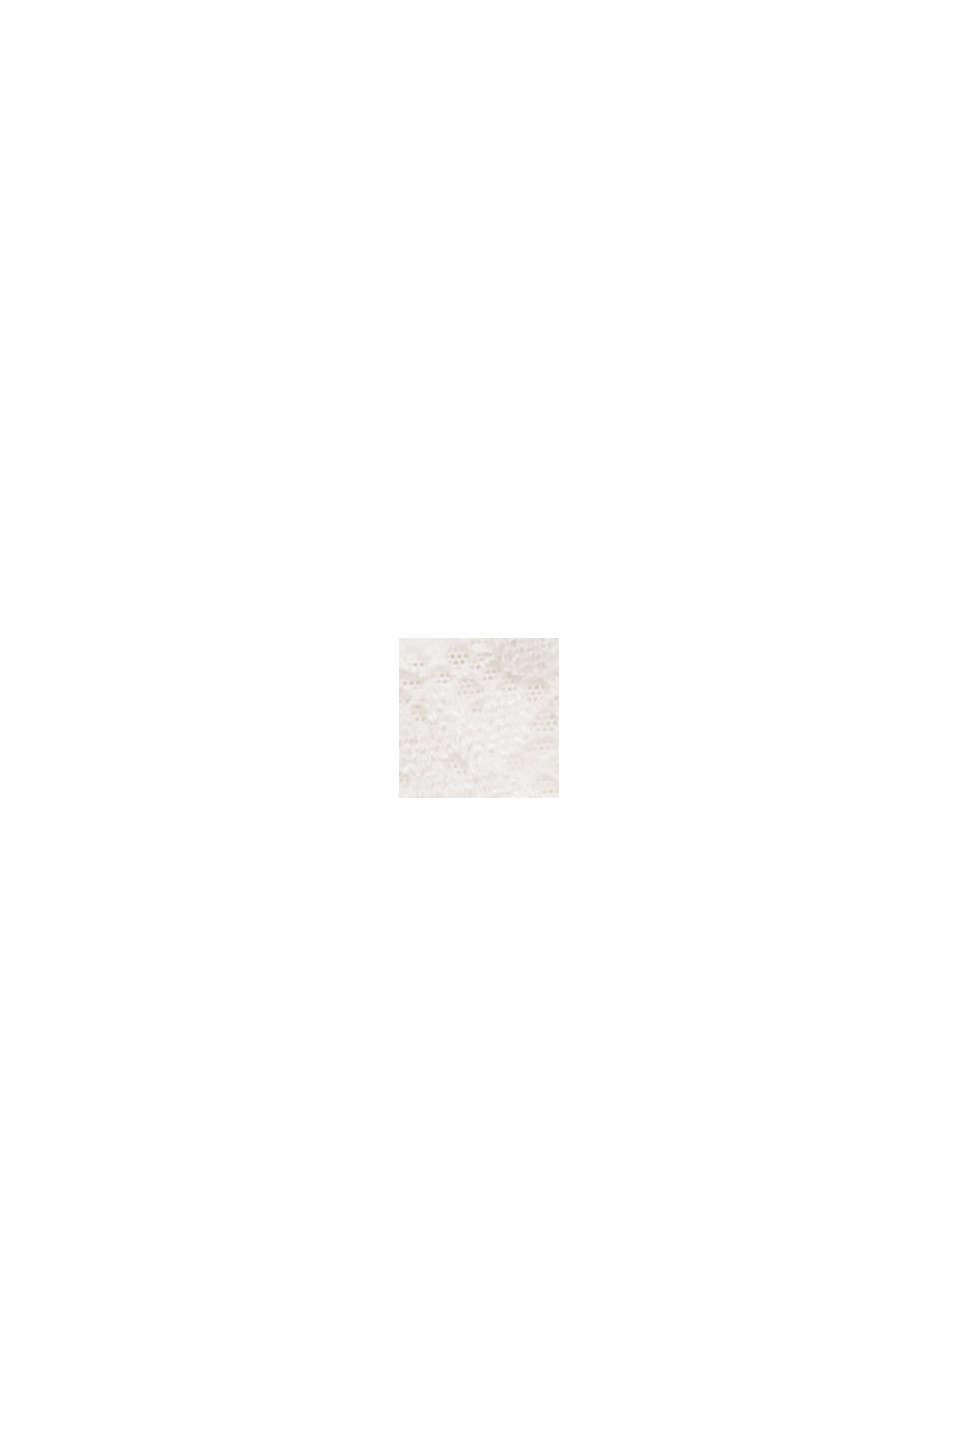 En matière recyclée: Shorty taille basse orné de dentelle, OFF WHITE, swatch